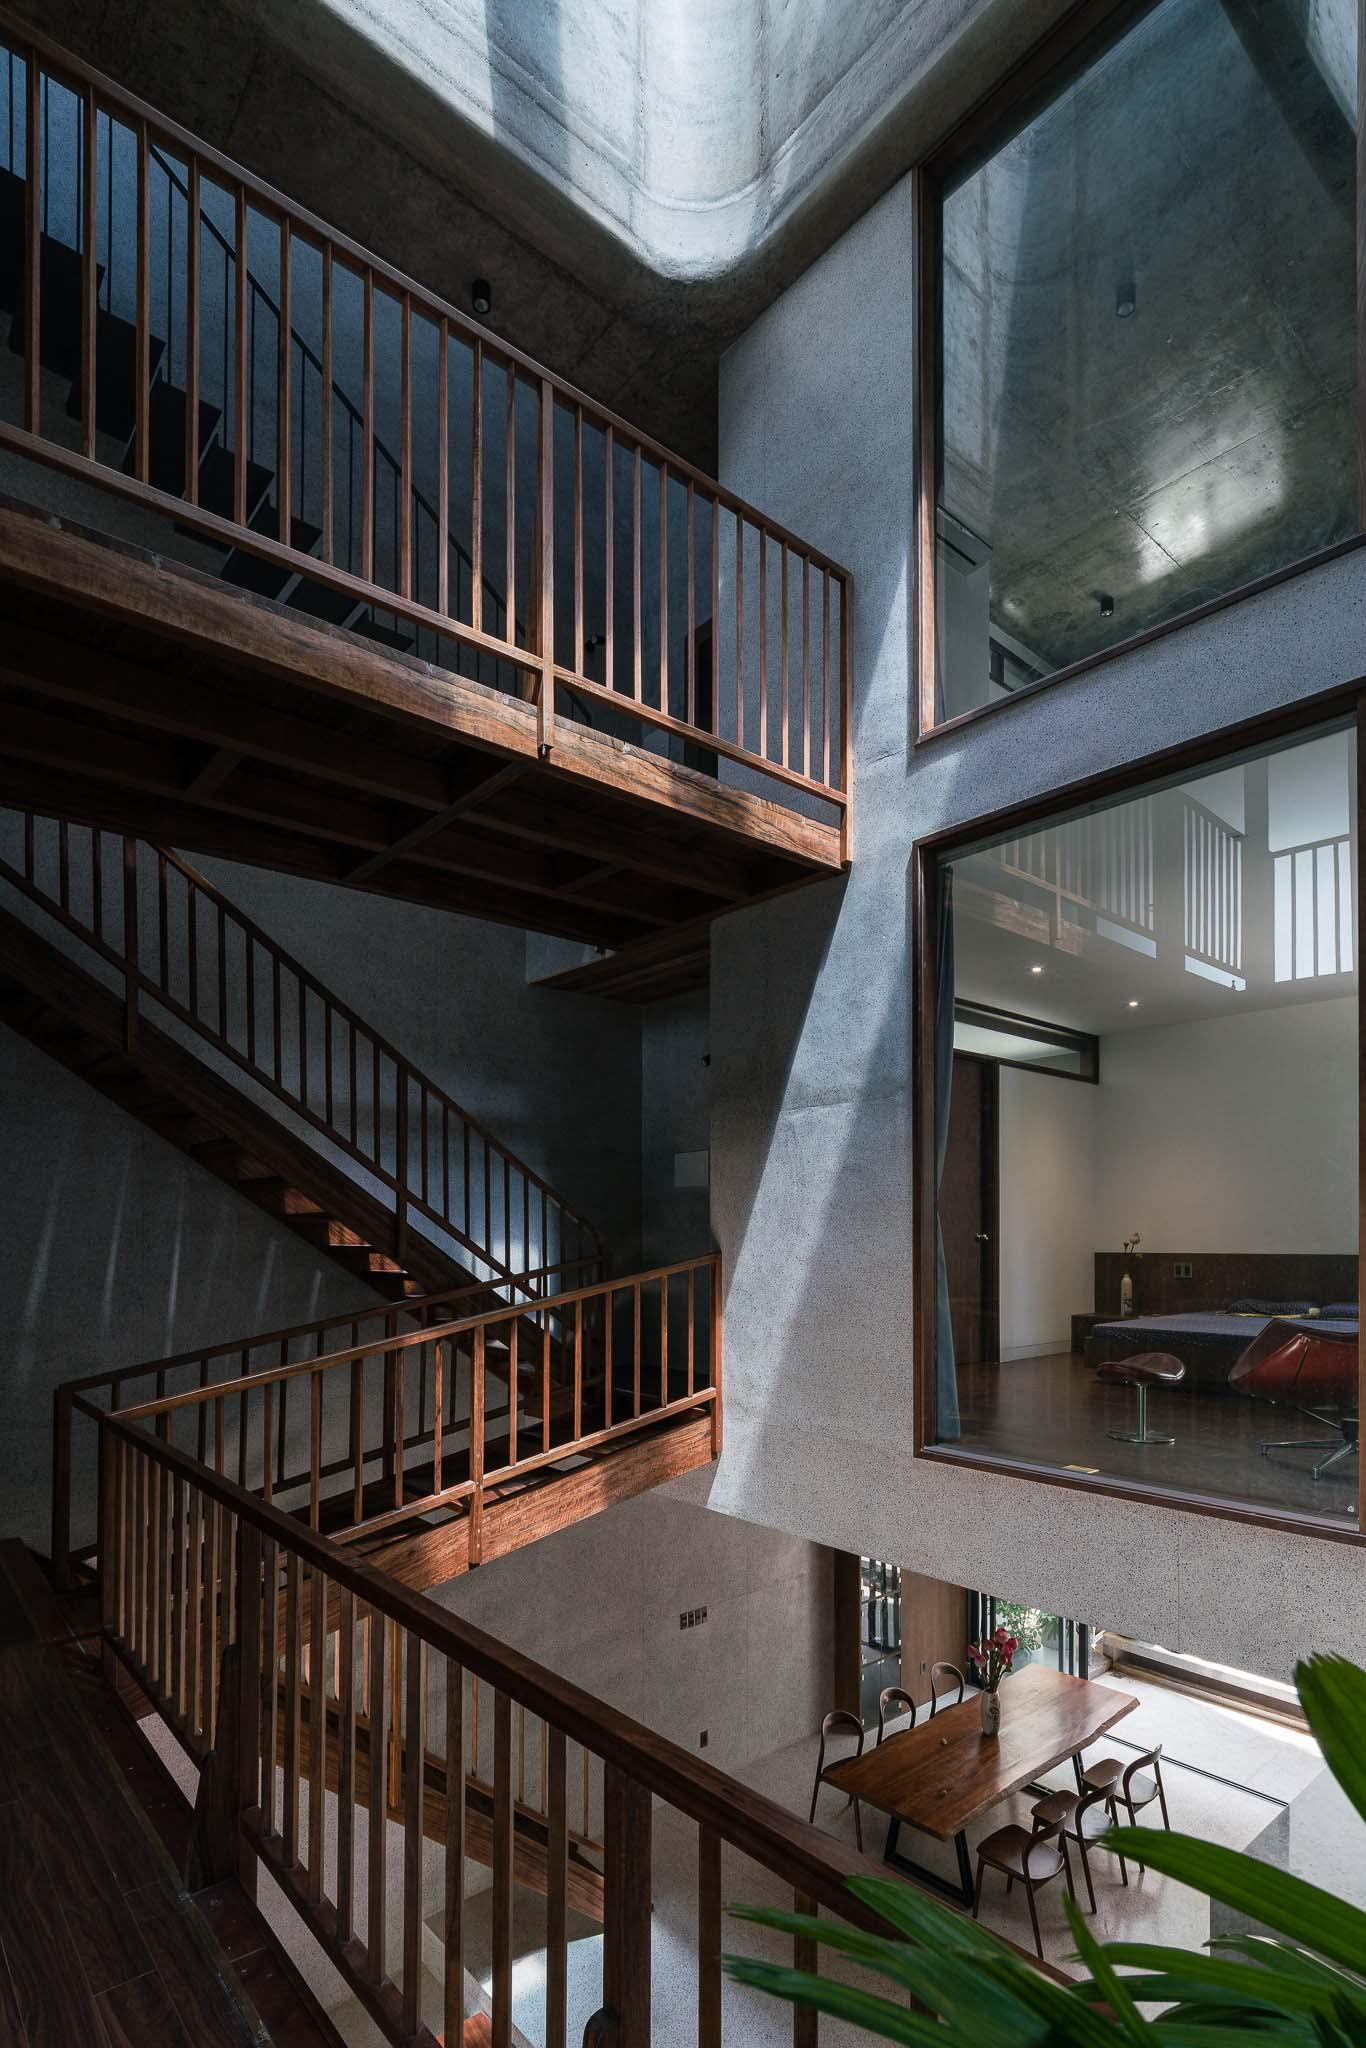 Giếng trời kết hợp thủ pháp lệch tầng lấy sáng và giúp căn nhà thông thoáng.